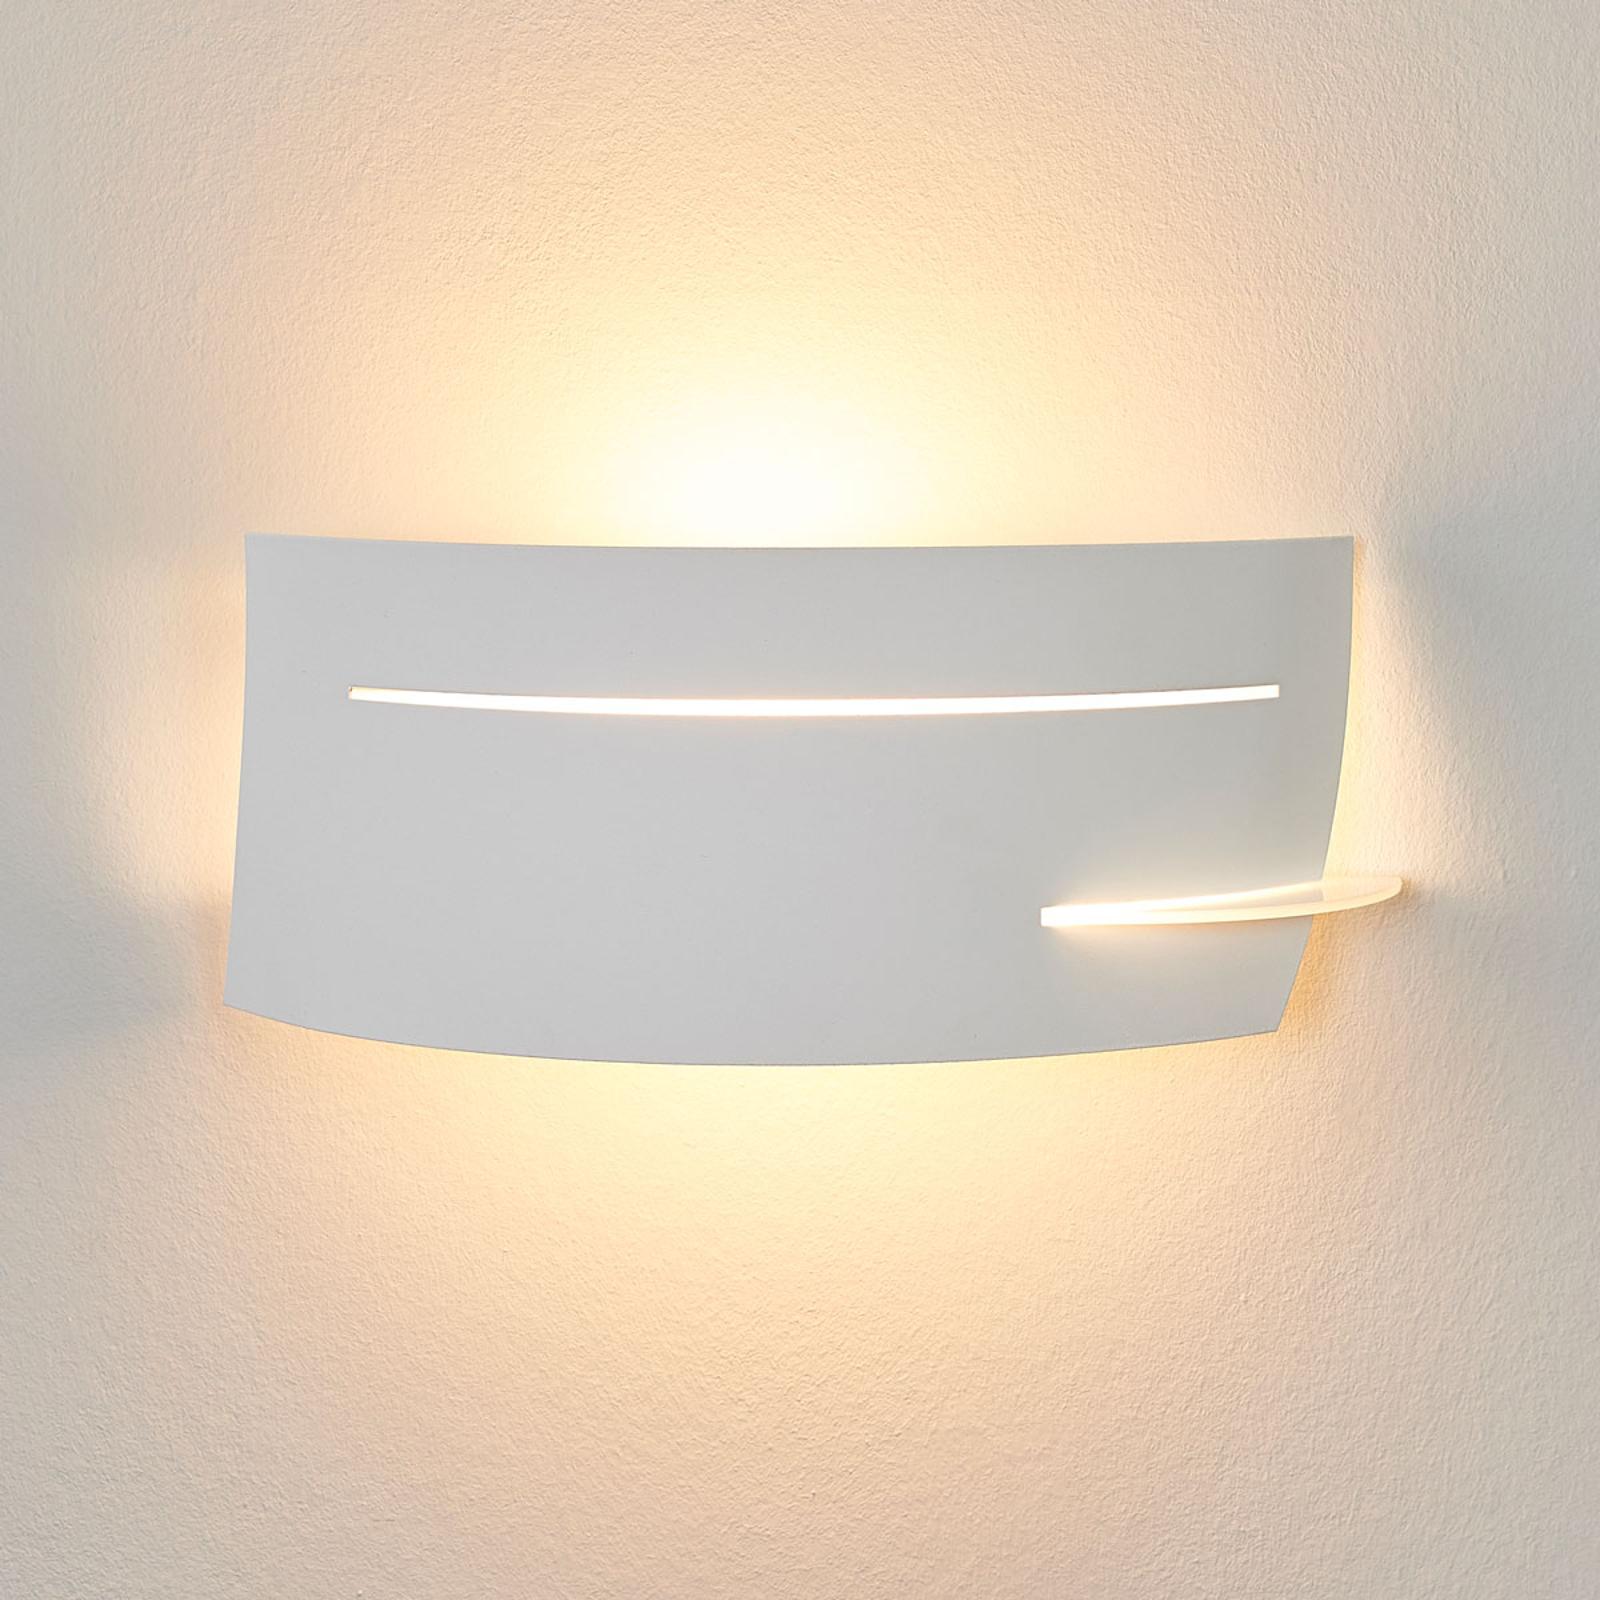 LED-Wandlampe Keyron in Weiß